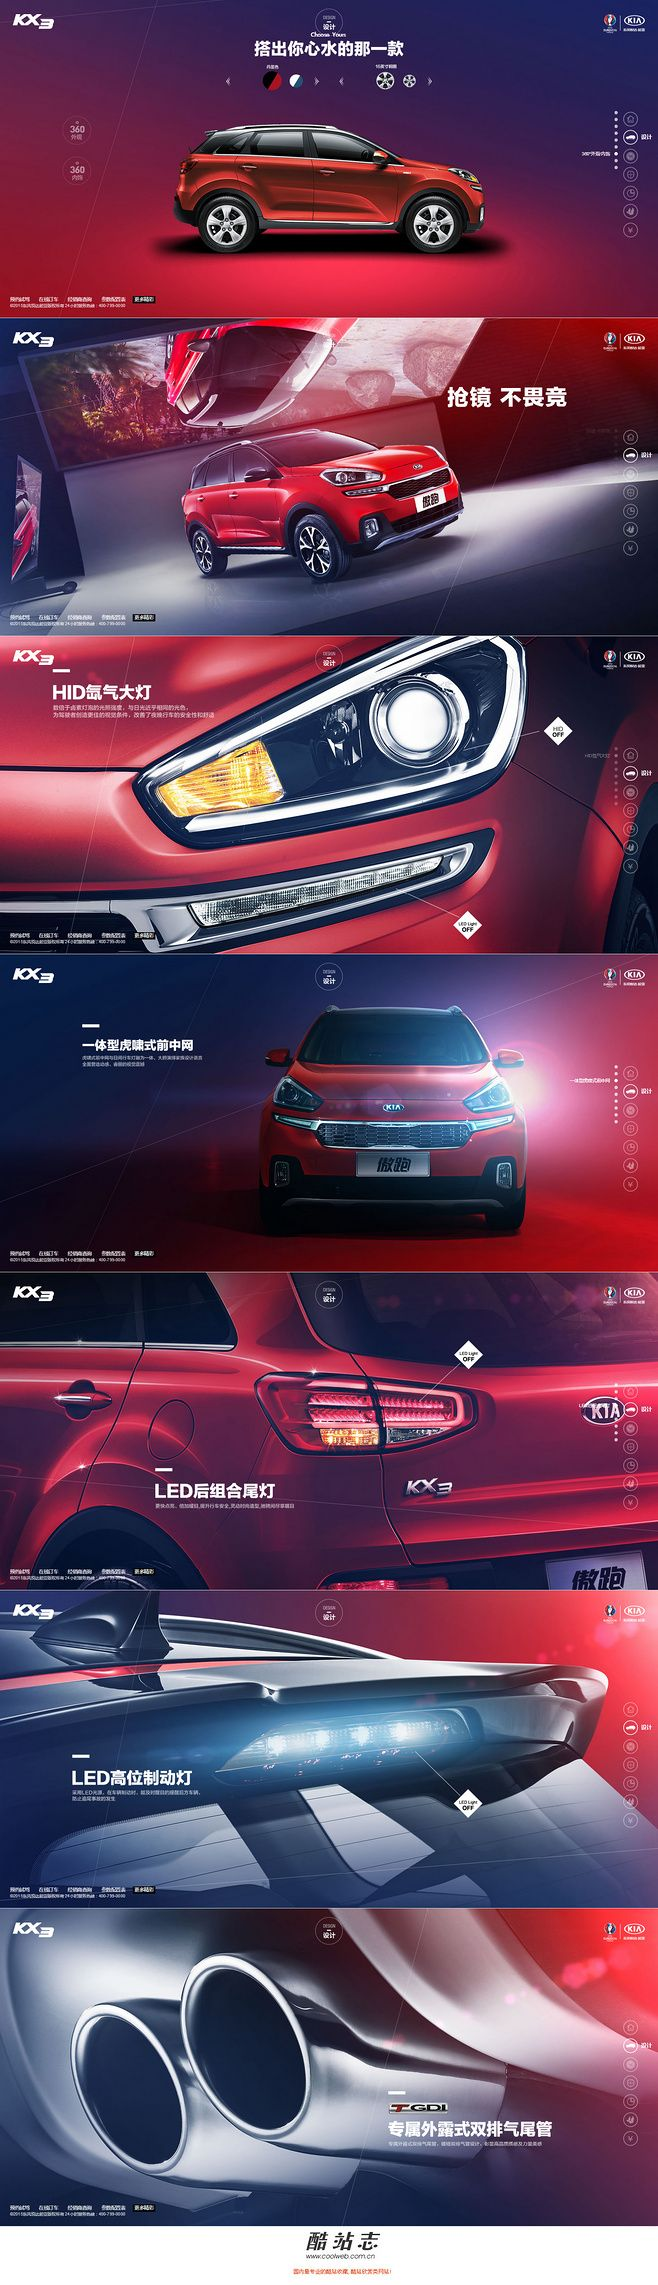 东风悦达起亚 KX3 车型网站--酷站频...